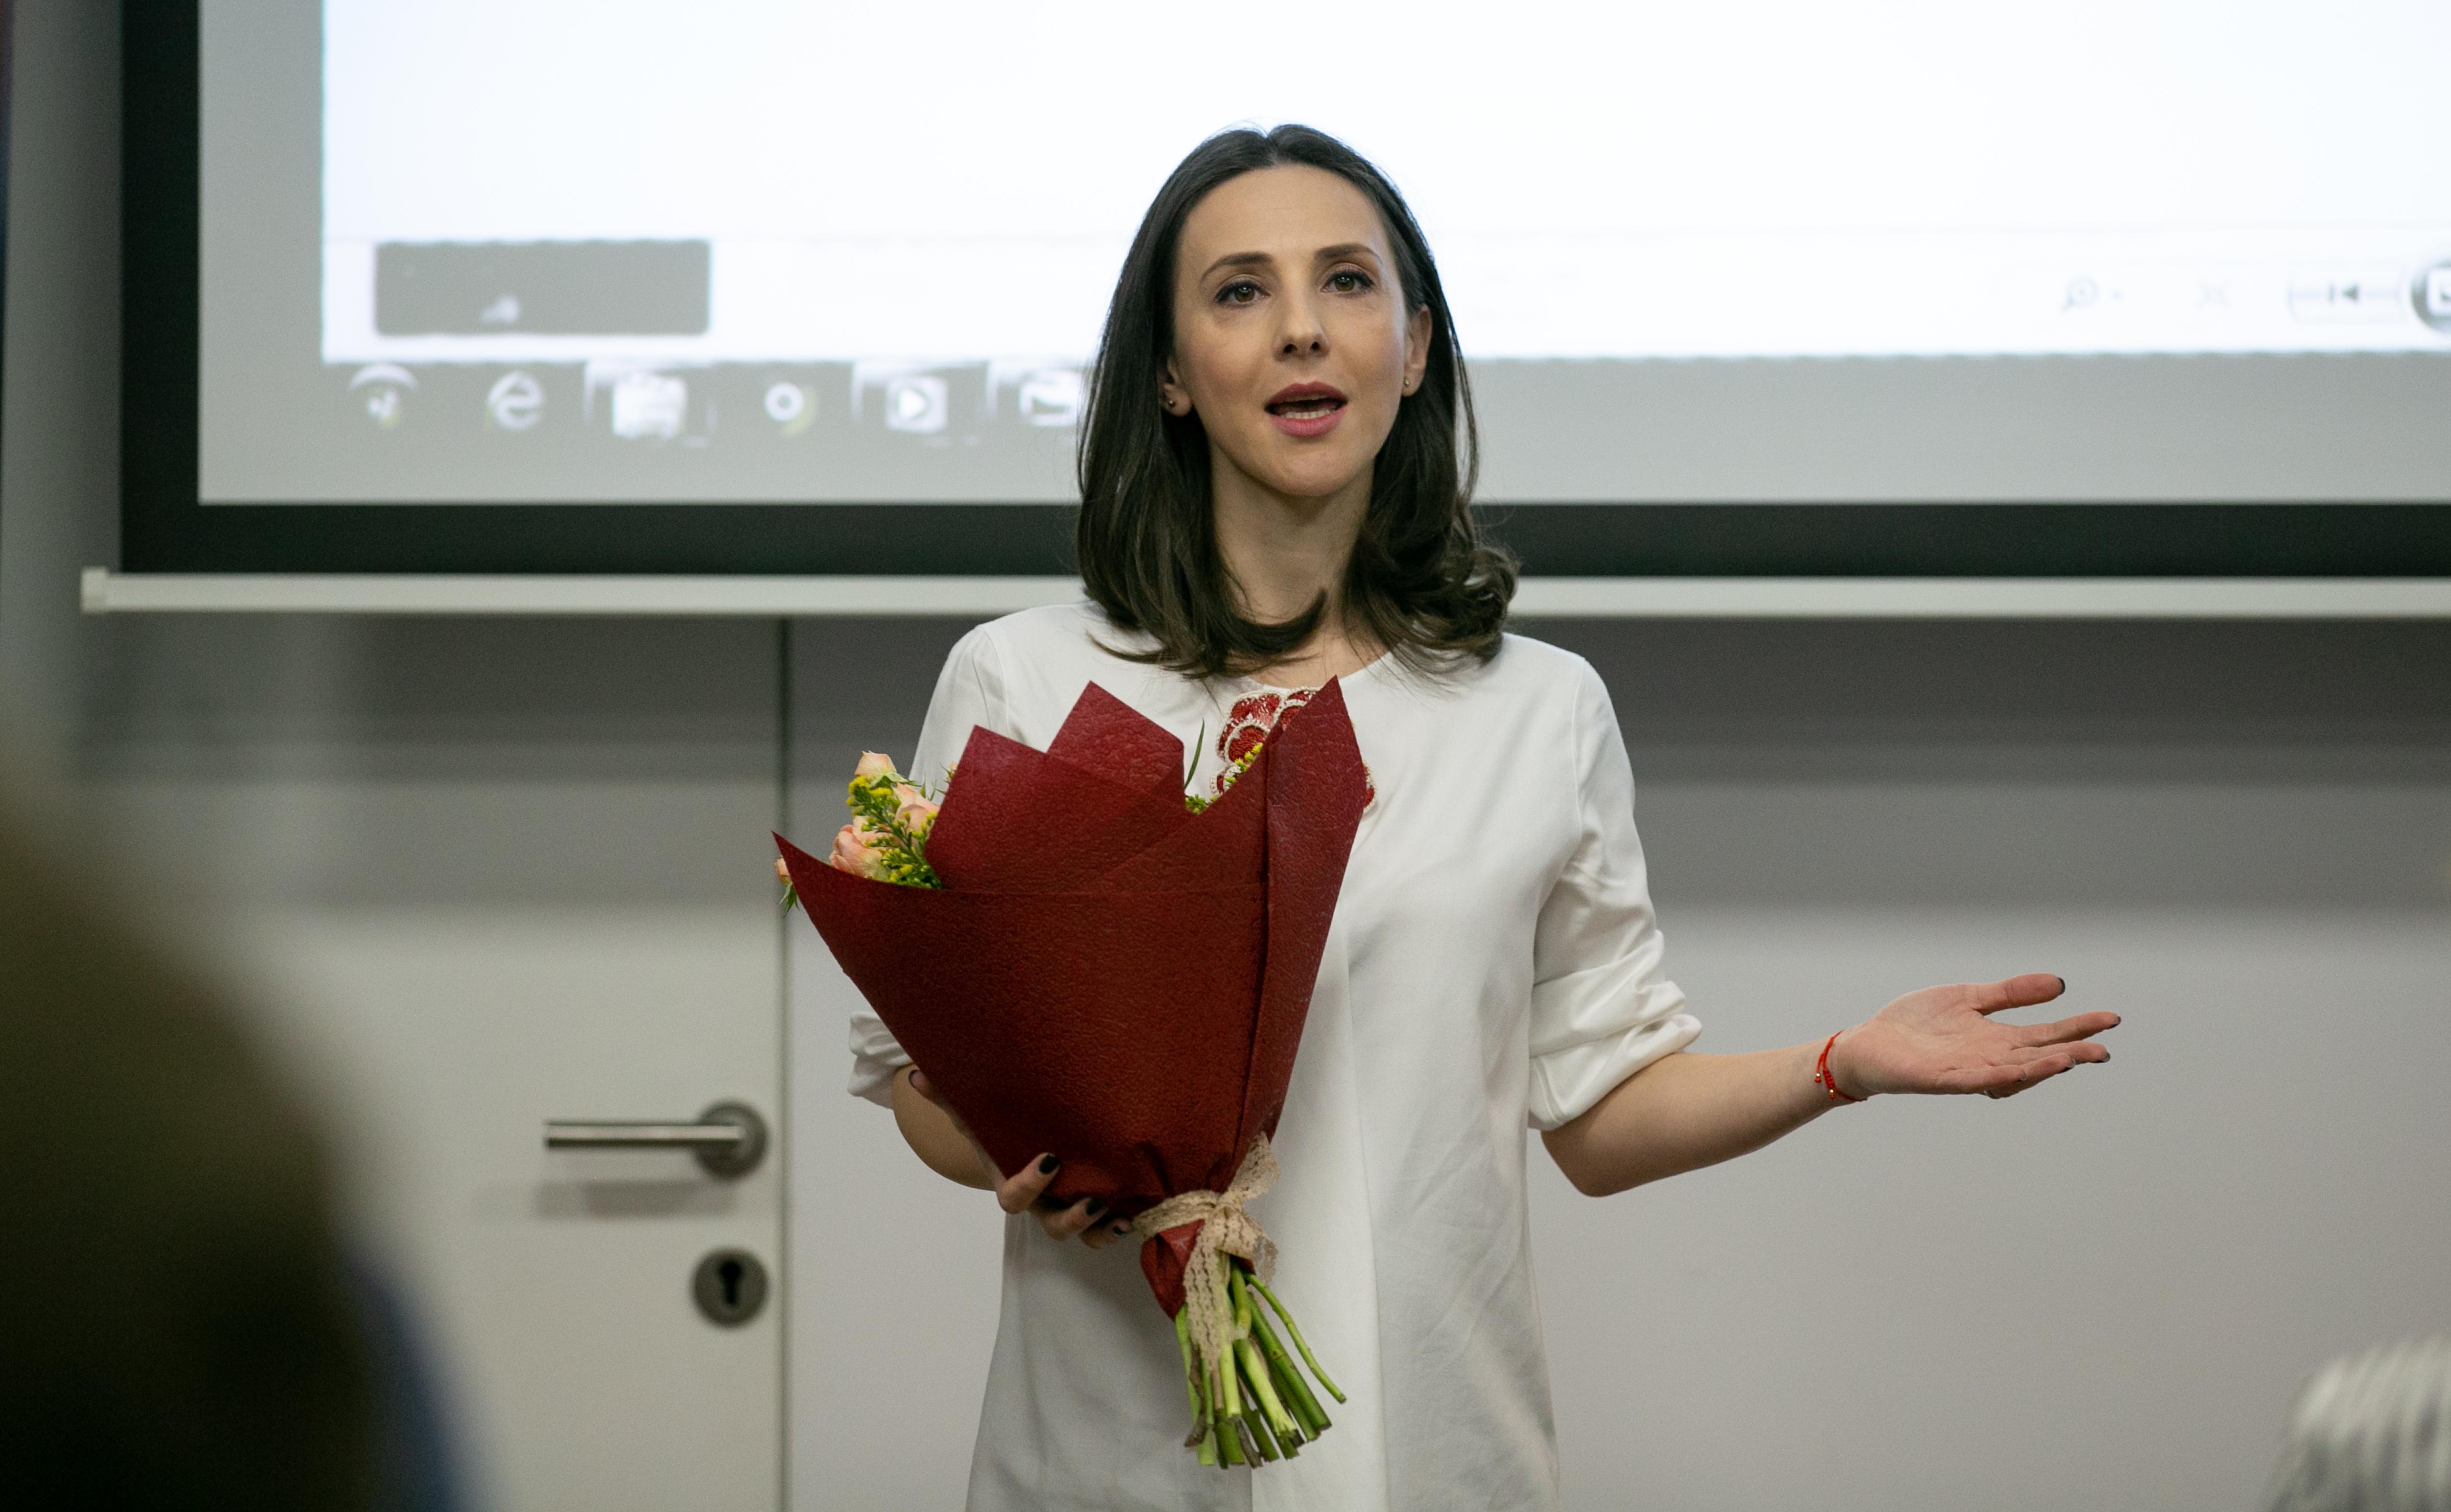 Andreea Răducan a anunțat recent că este însărcinată pentru a doua oară, urmând să nască un băiețel anul acesta. FOTO: Vlad Chirea